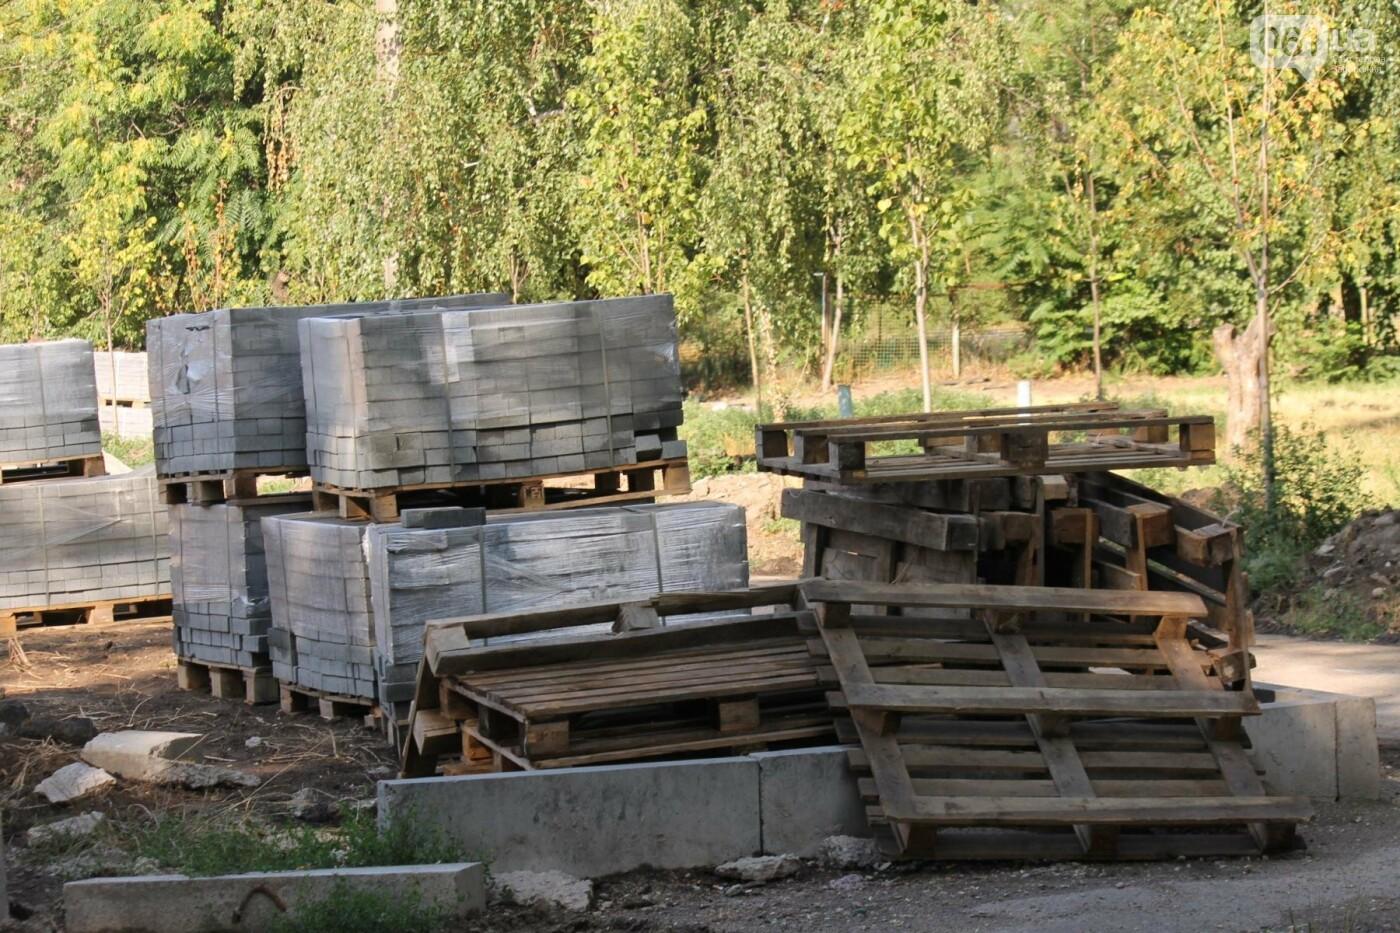 В Запорожье спешат до конца лета закончить реконструкцию аллеи на Якова Новицкого: на каком этапе работы, – ФОТОРЕПОРТАЖ, фото-21